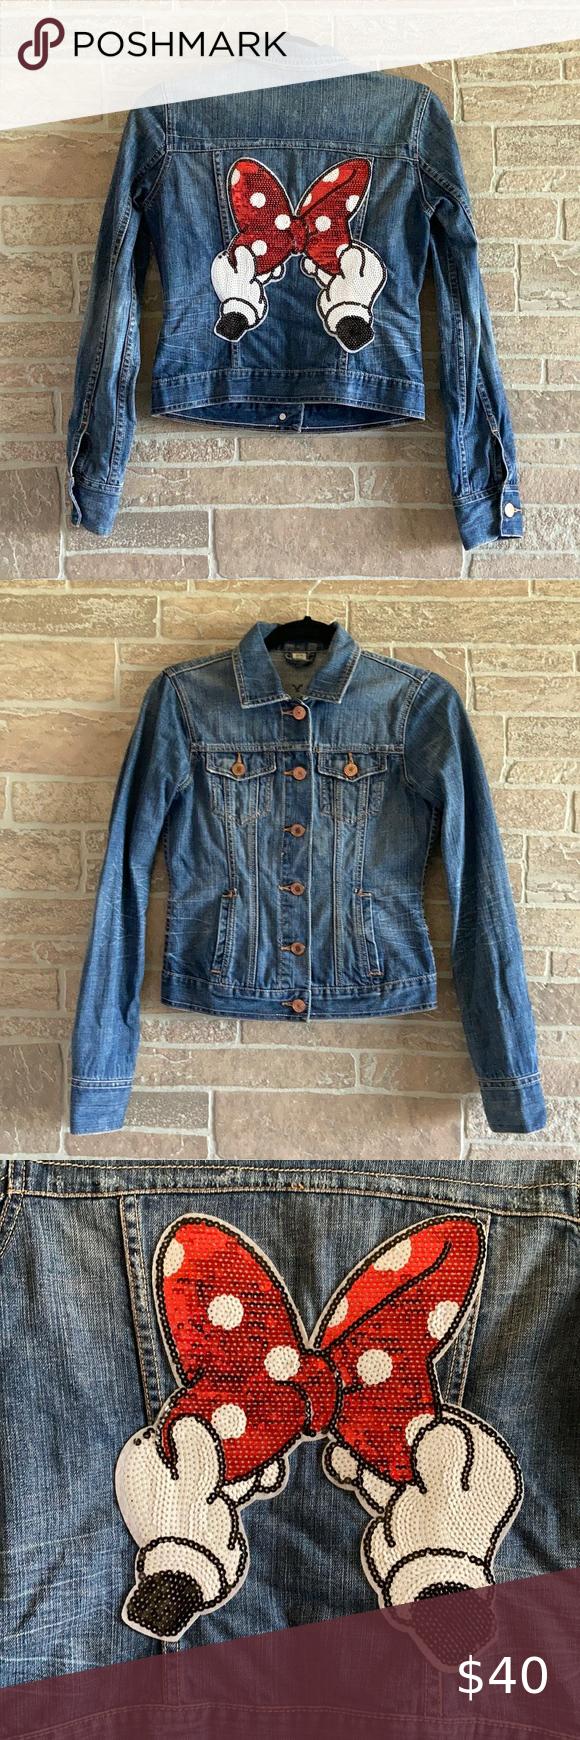 Diy Minnie Jean Jacket Jackets Jean Jacket American Eagle Jeans [ 1740 x 580 Pixel ]